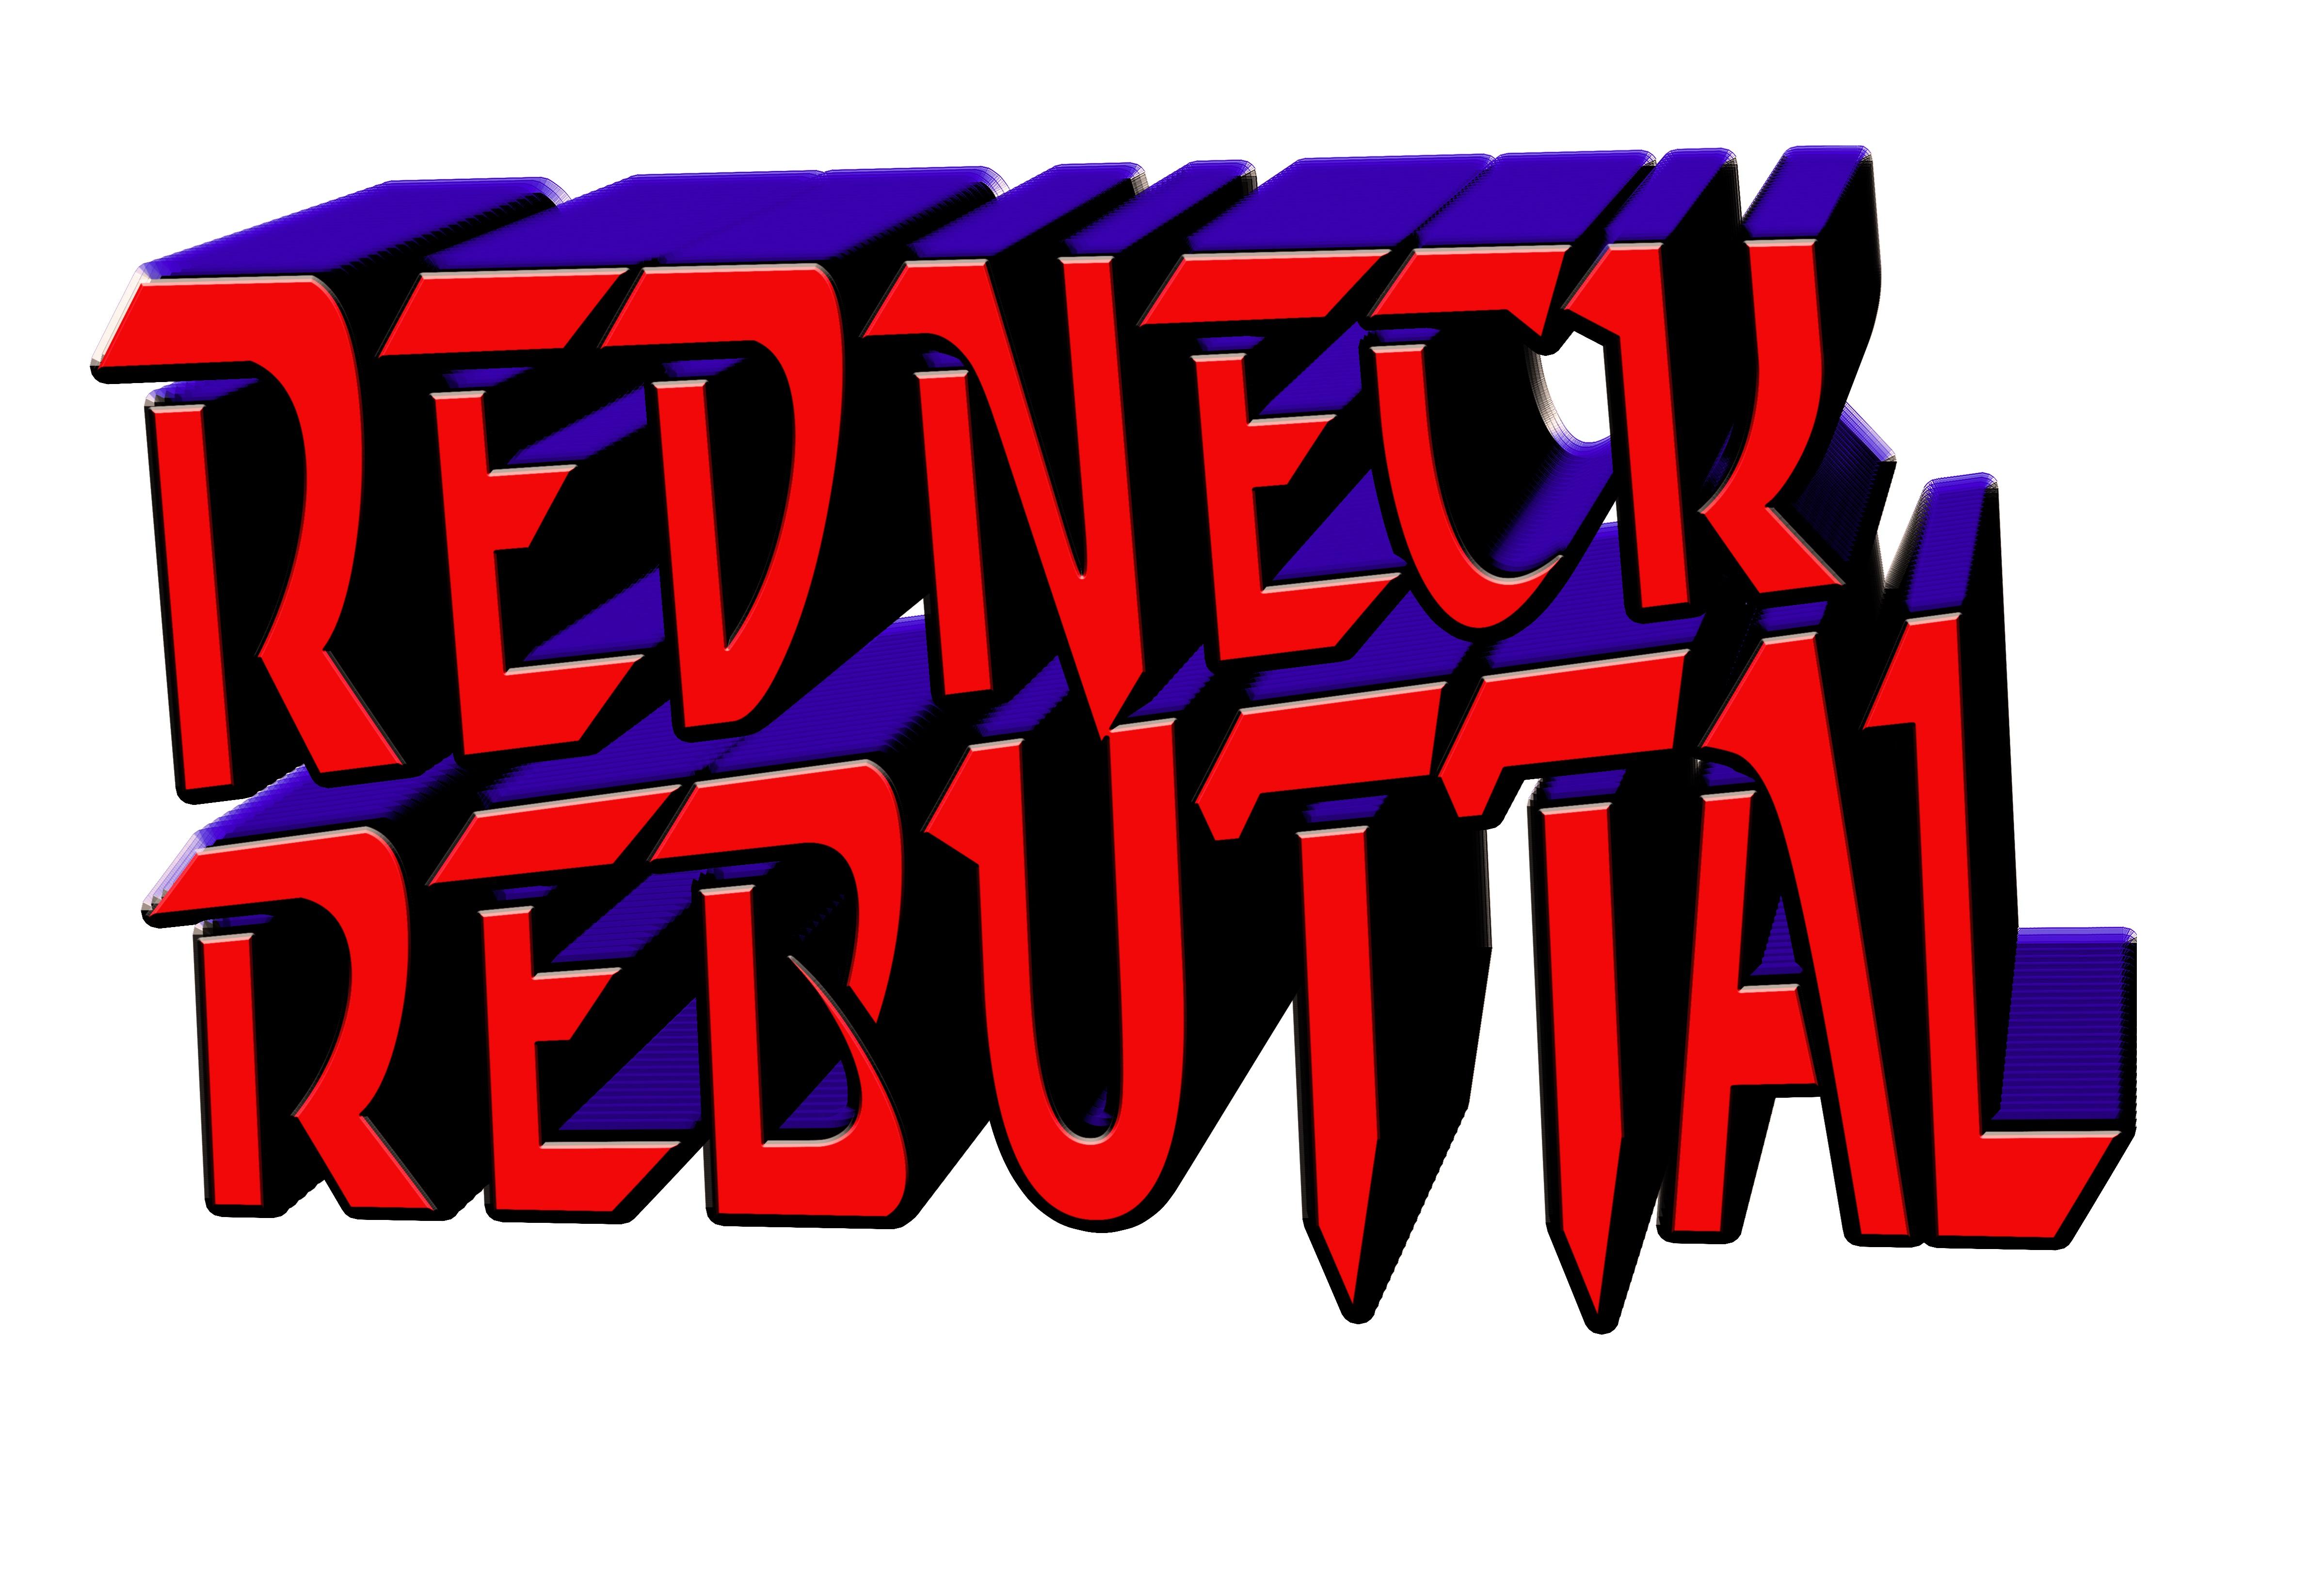 Redneck Rebuttal